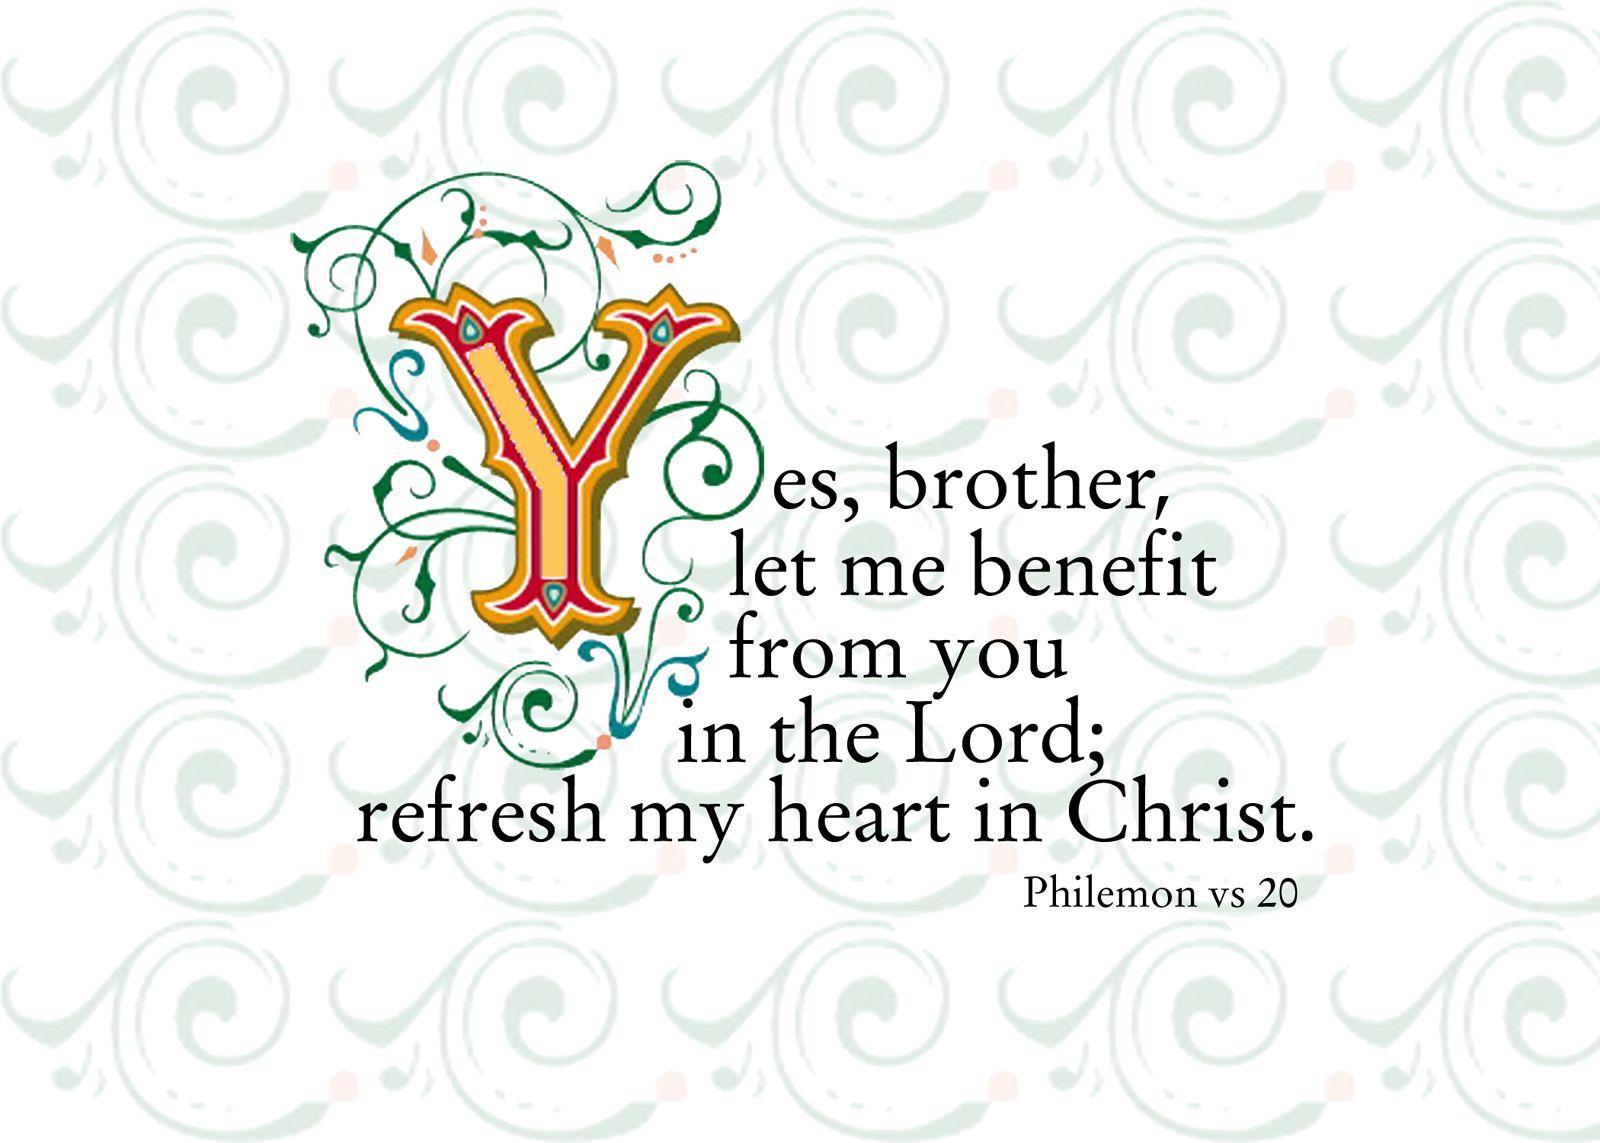 Philemon vs 20 philemon book of titus mom prayers